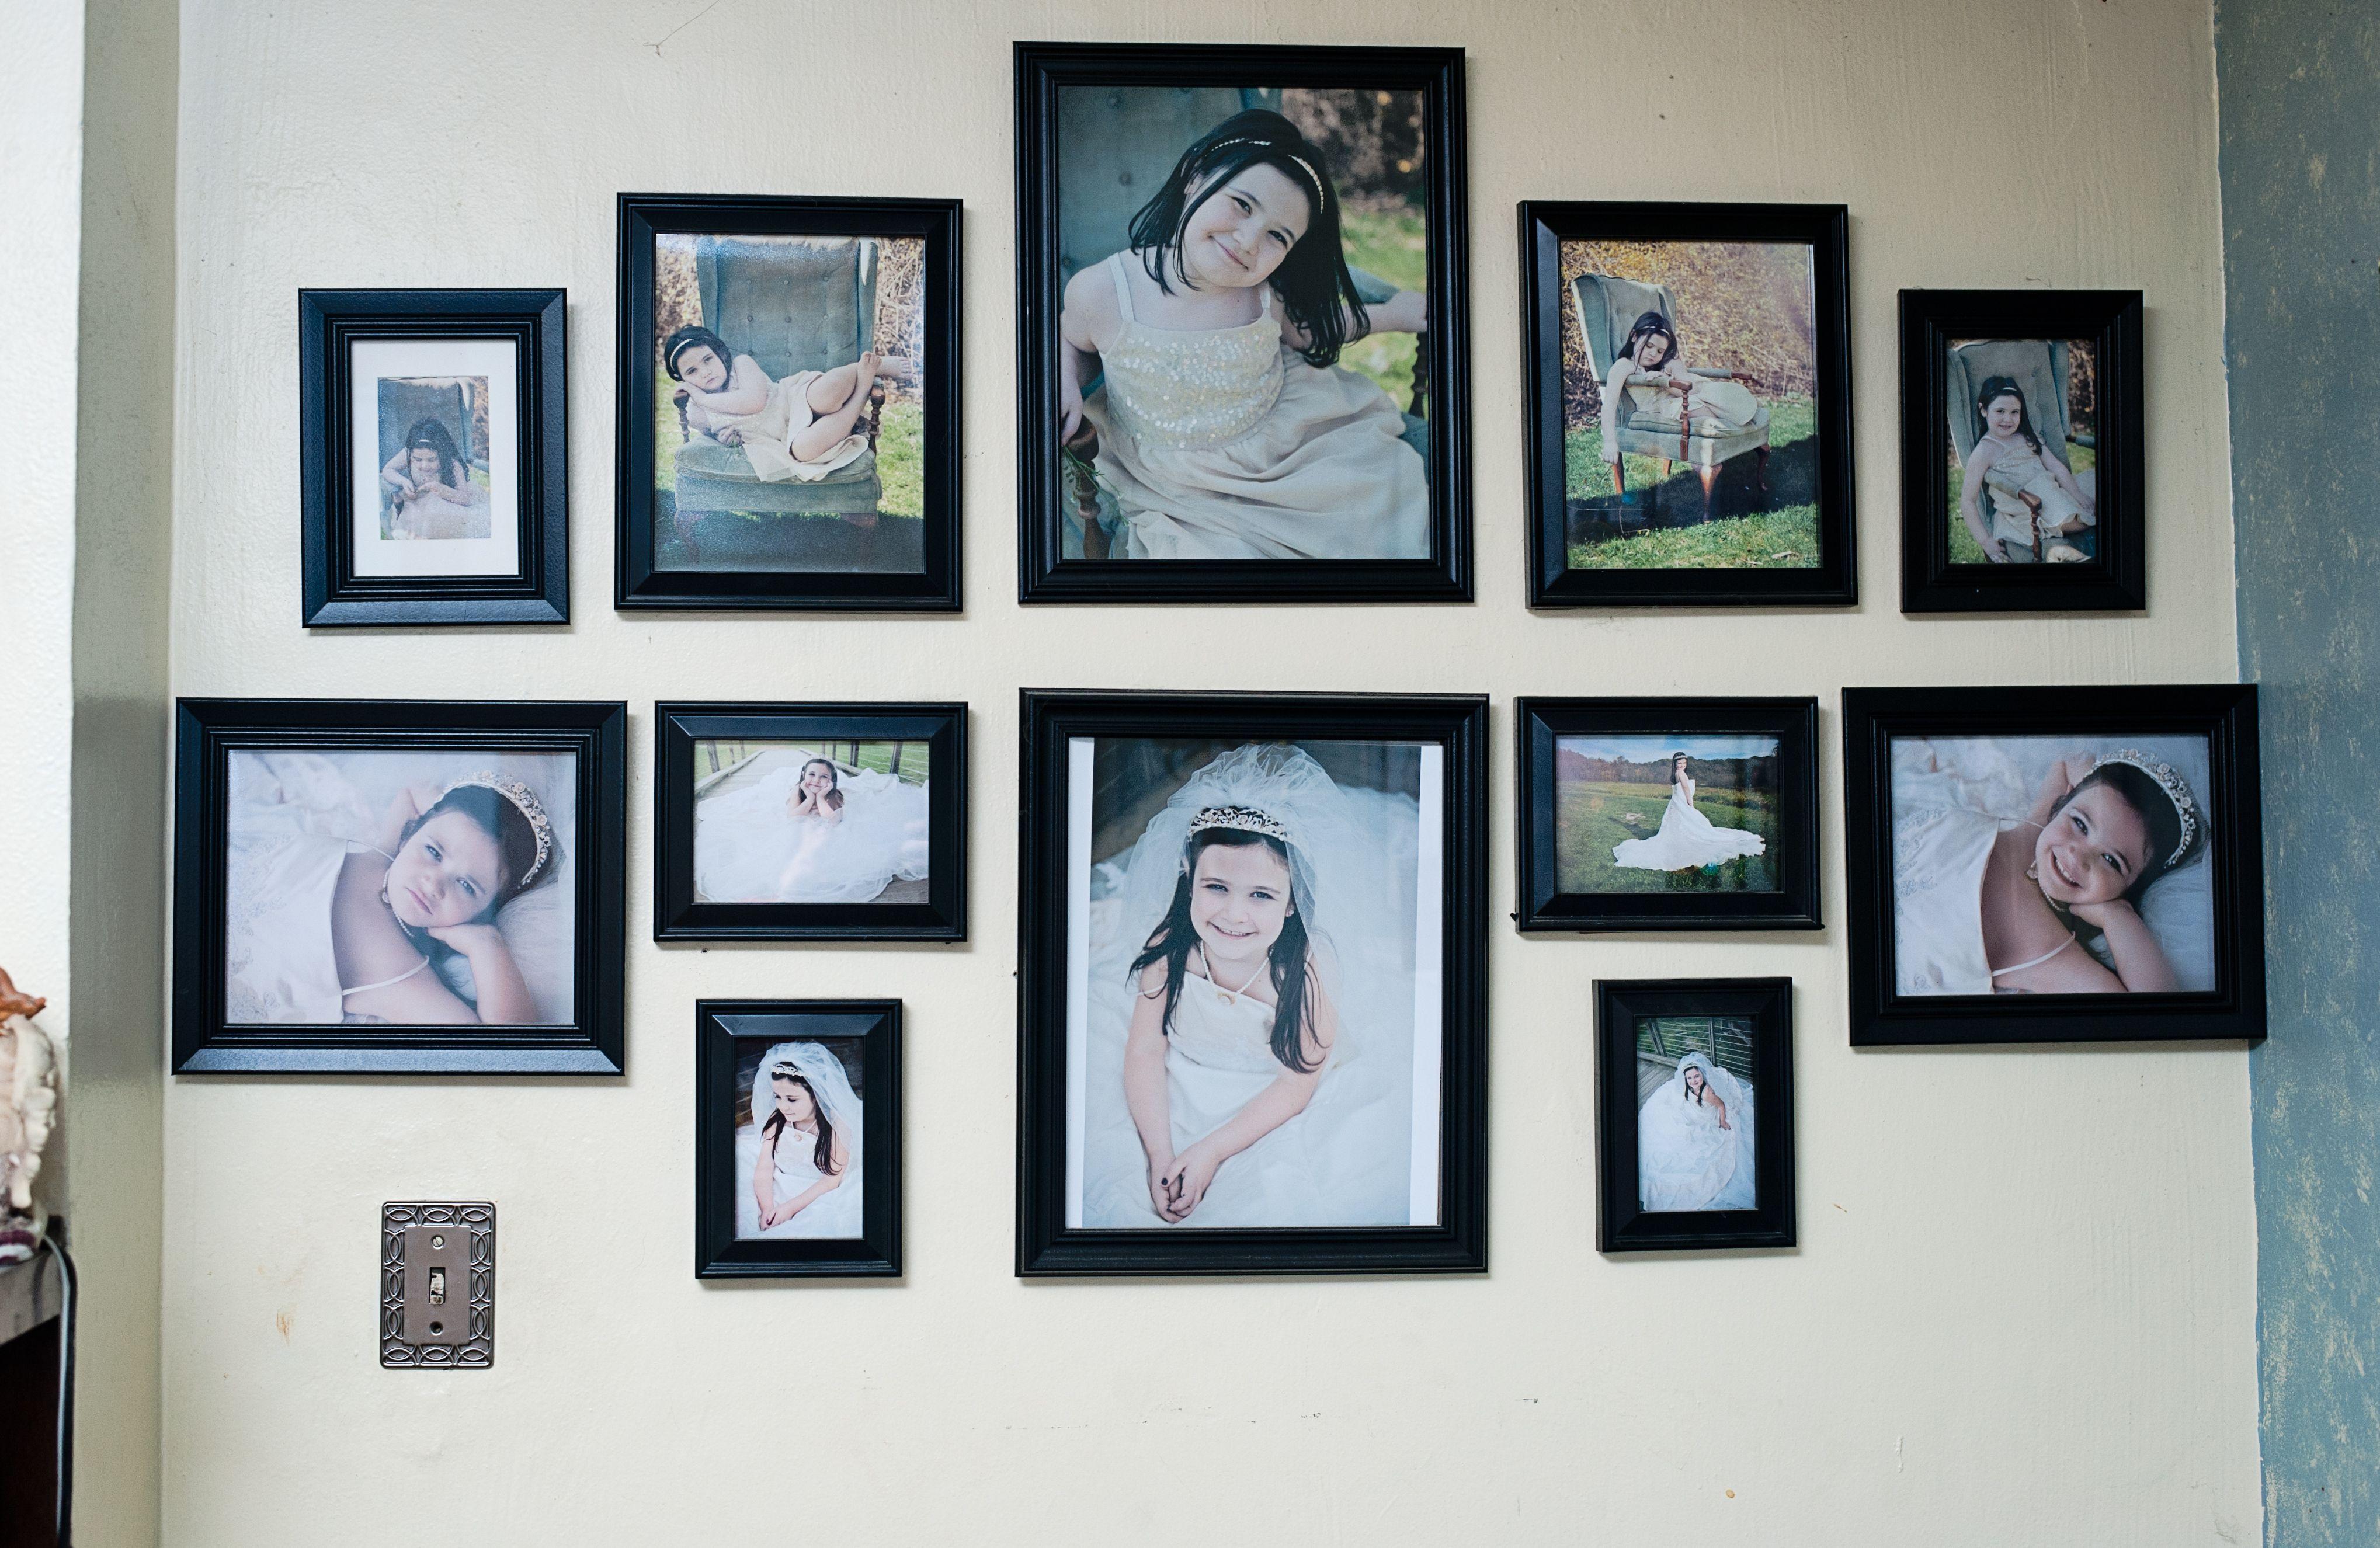 Unique Picture Frame Arrangement | Picture frames arrangement ideas ...